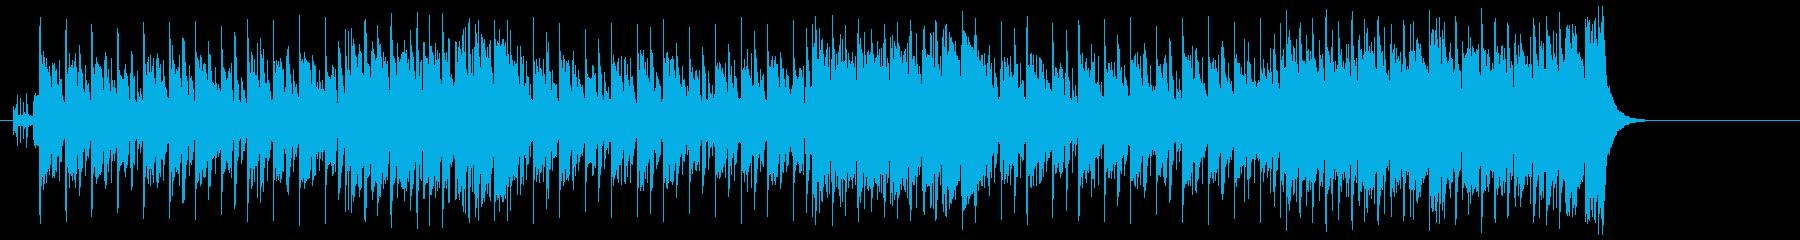 楽しさ満点の少しコミカルなタイトルBGMの再生済みの波形